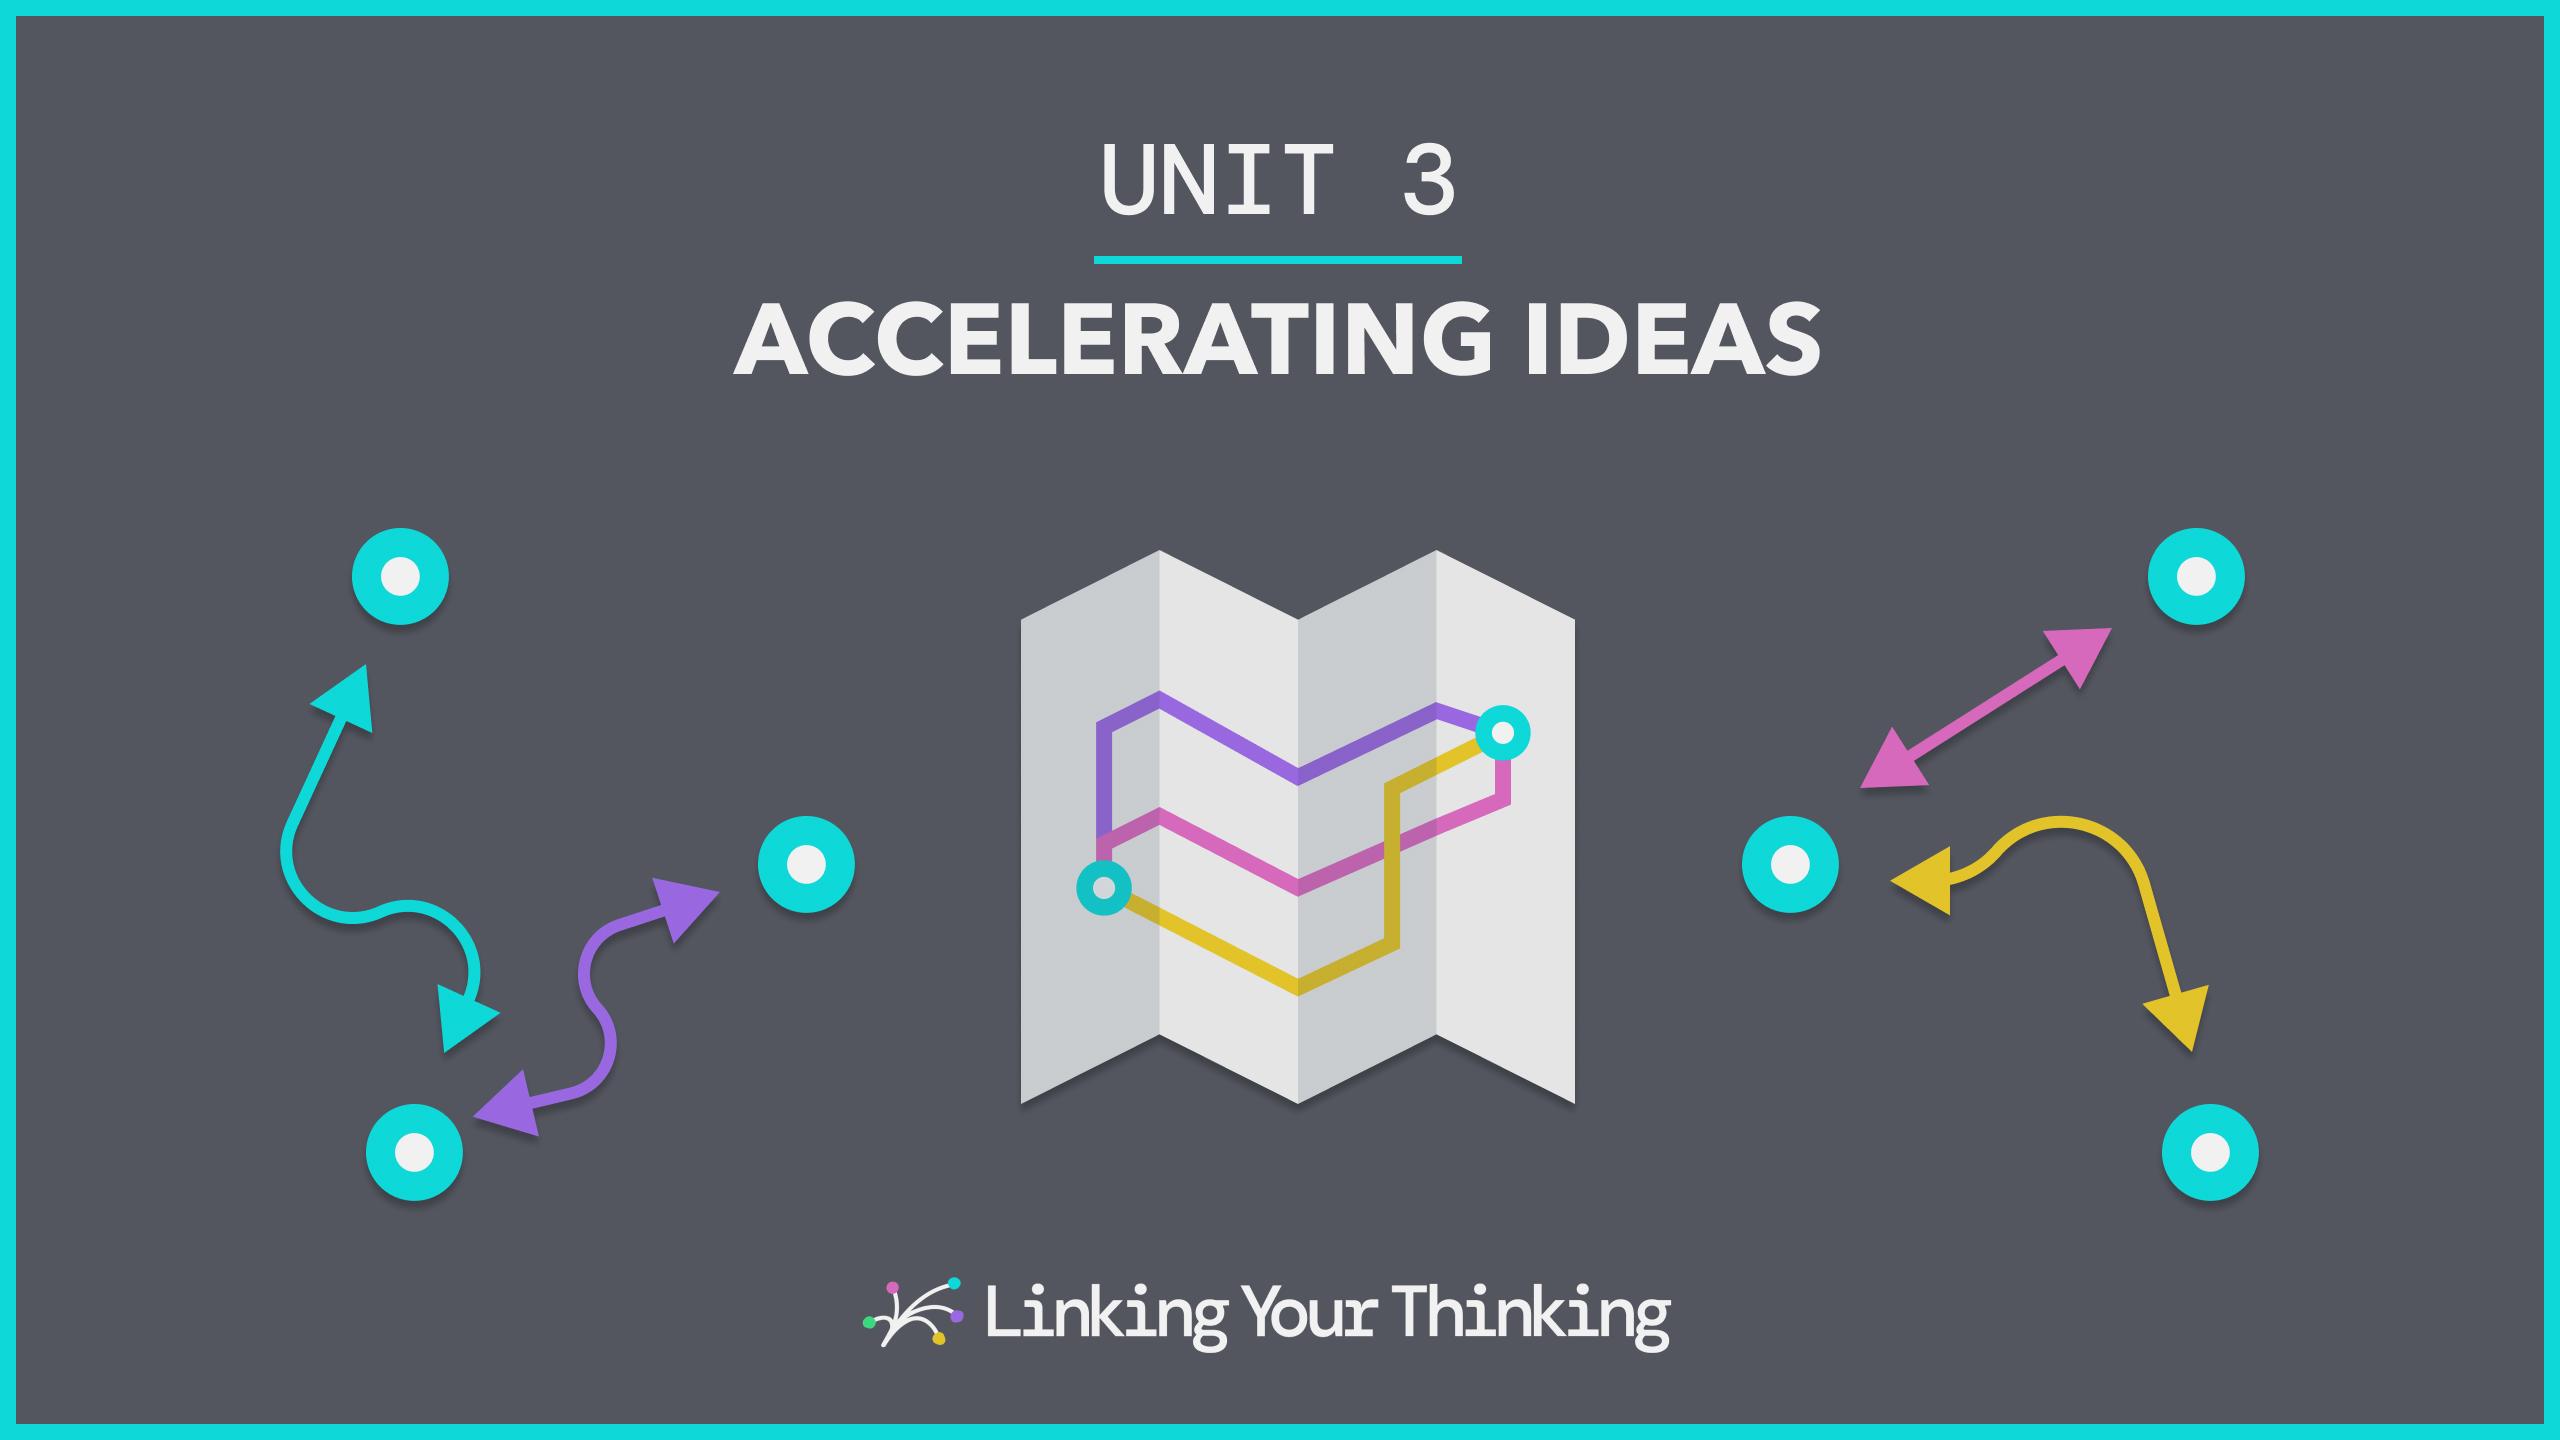 LYT Workshop - Unit 3 image